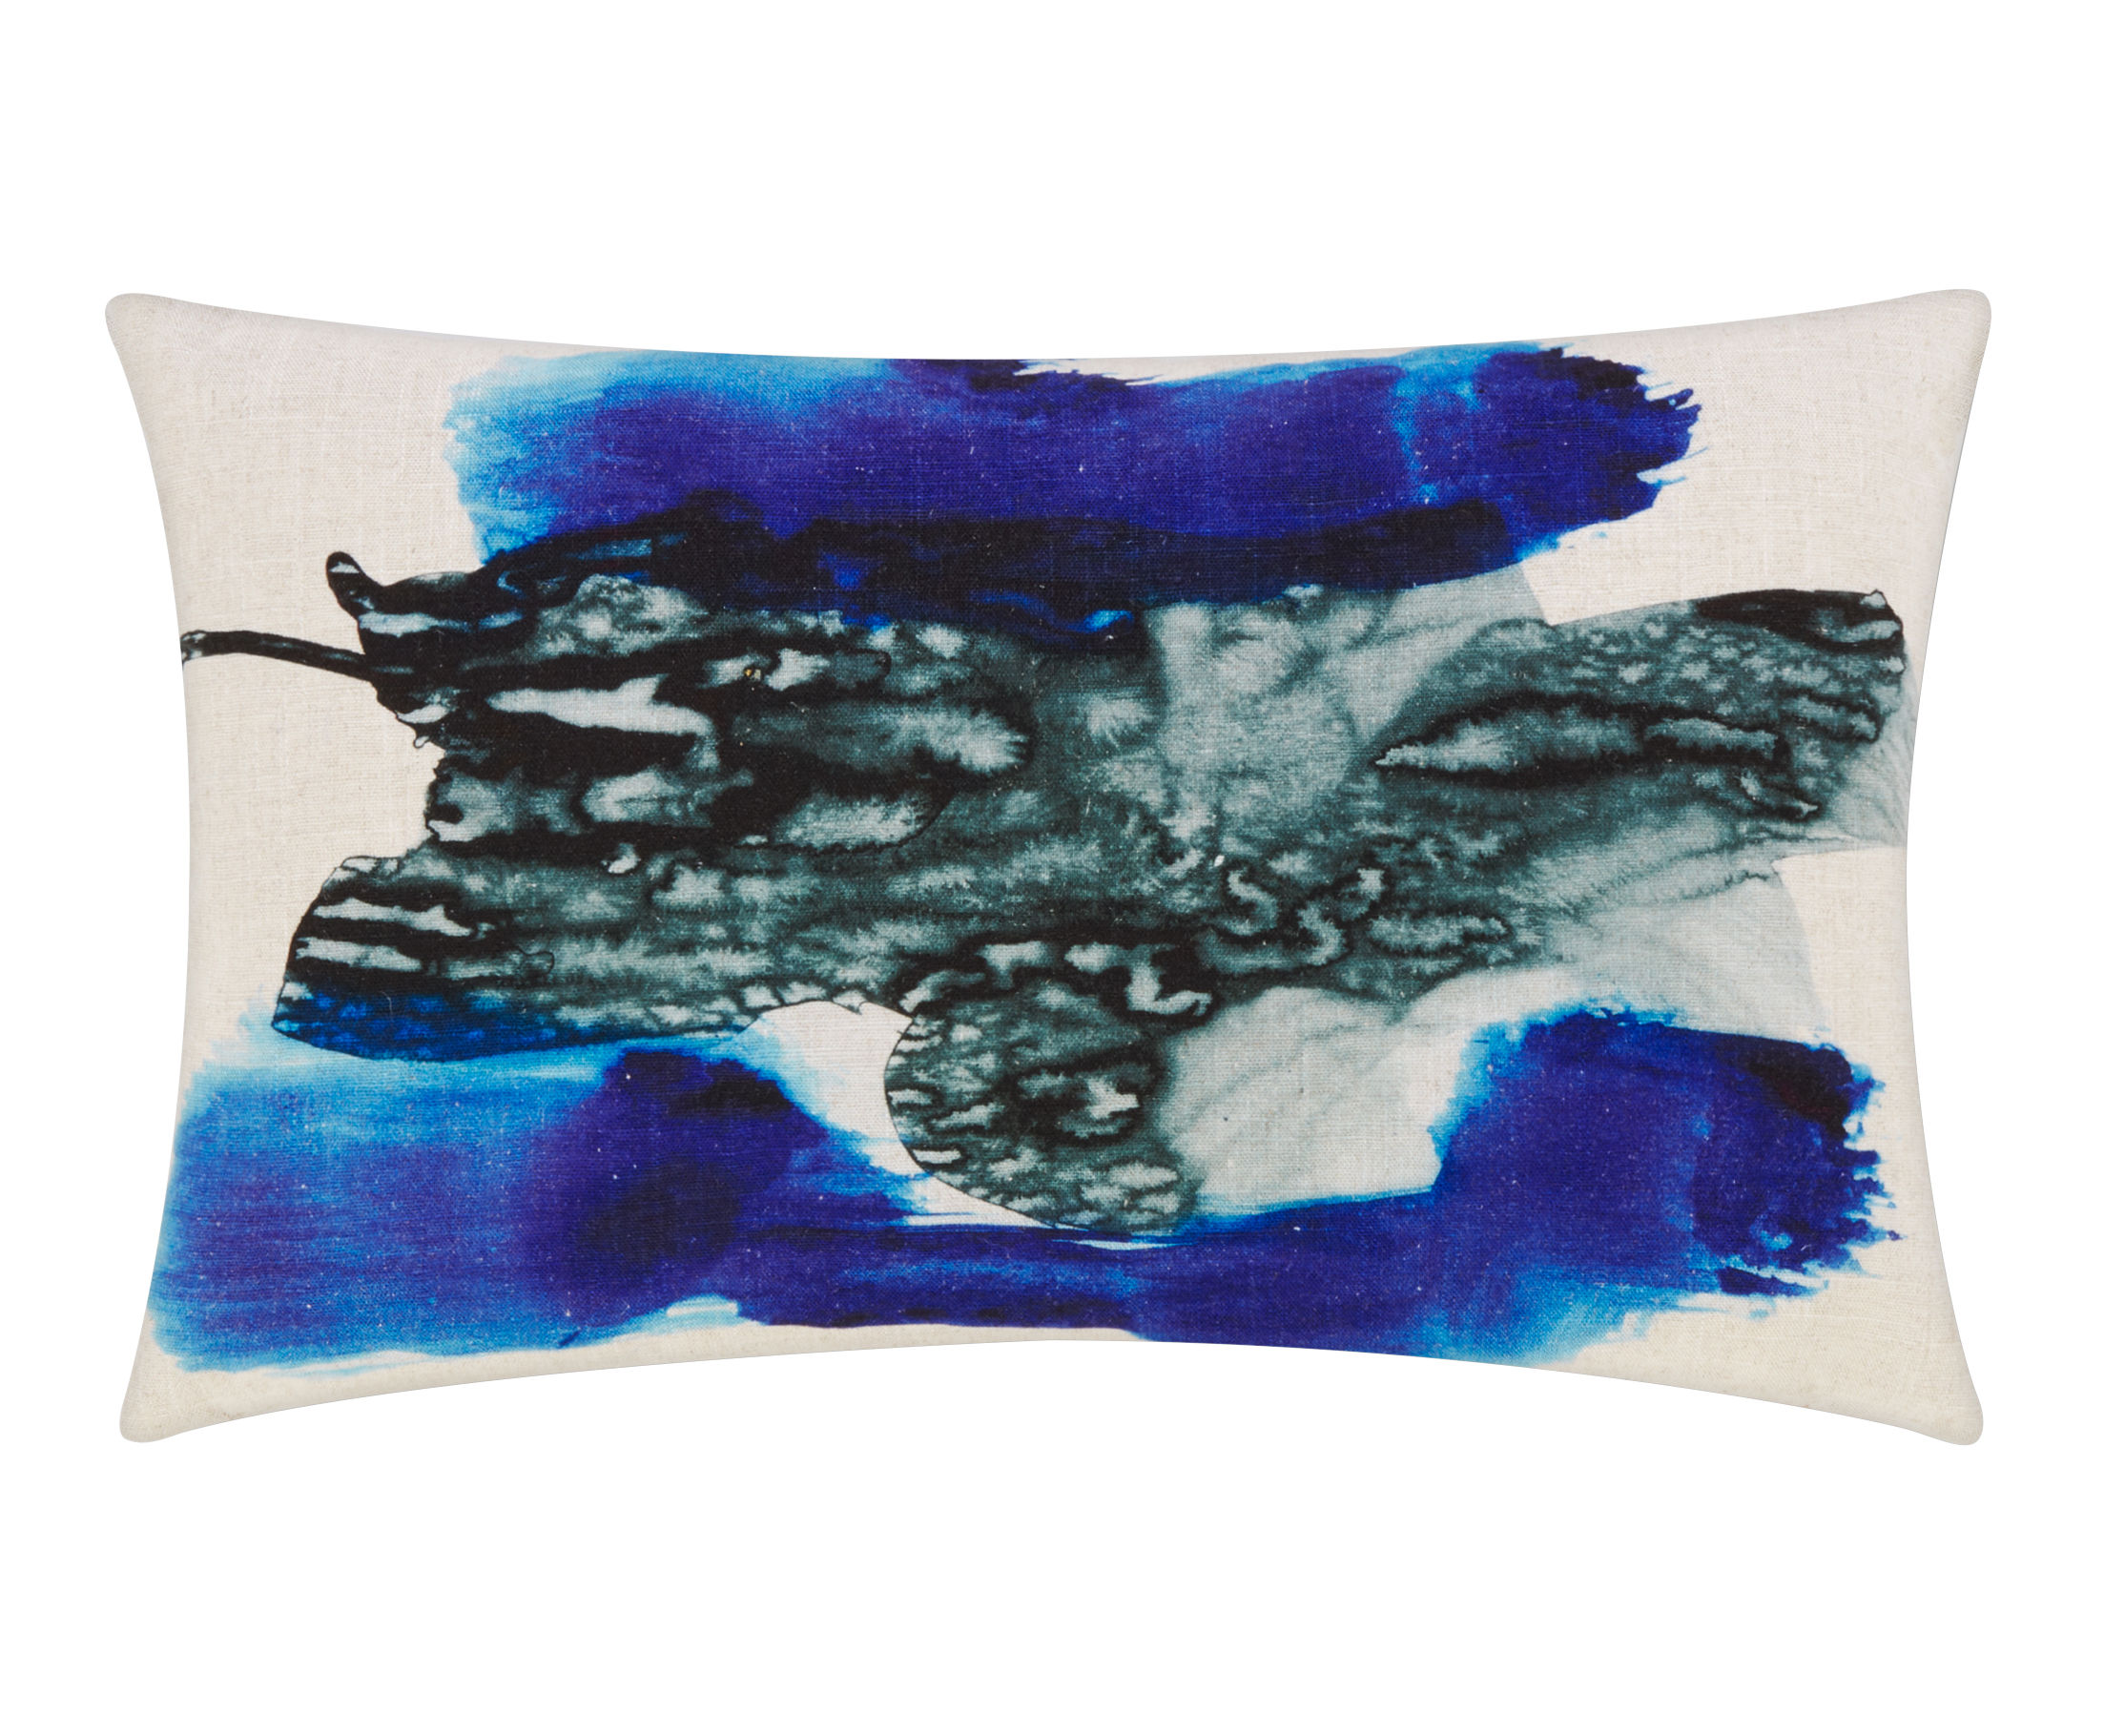 Interni - Cuscini  - Cuscino Blot - / 40 x 60 cm di Tom Dixon - 40 x 60 cm / Blu - Lino, Plumes canard, Viscosa